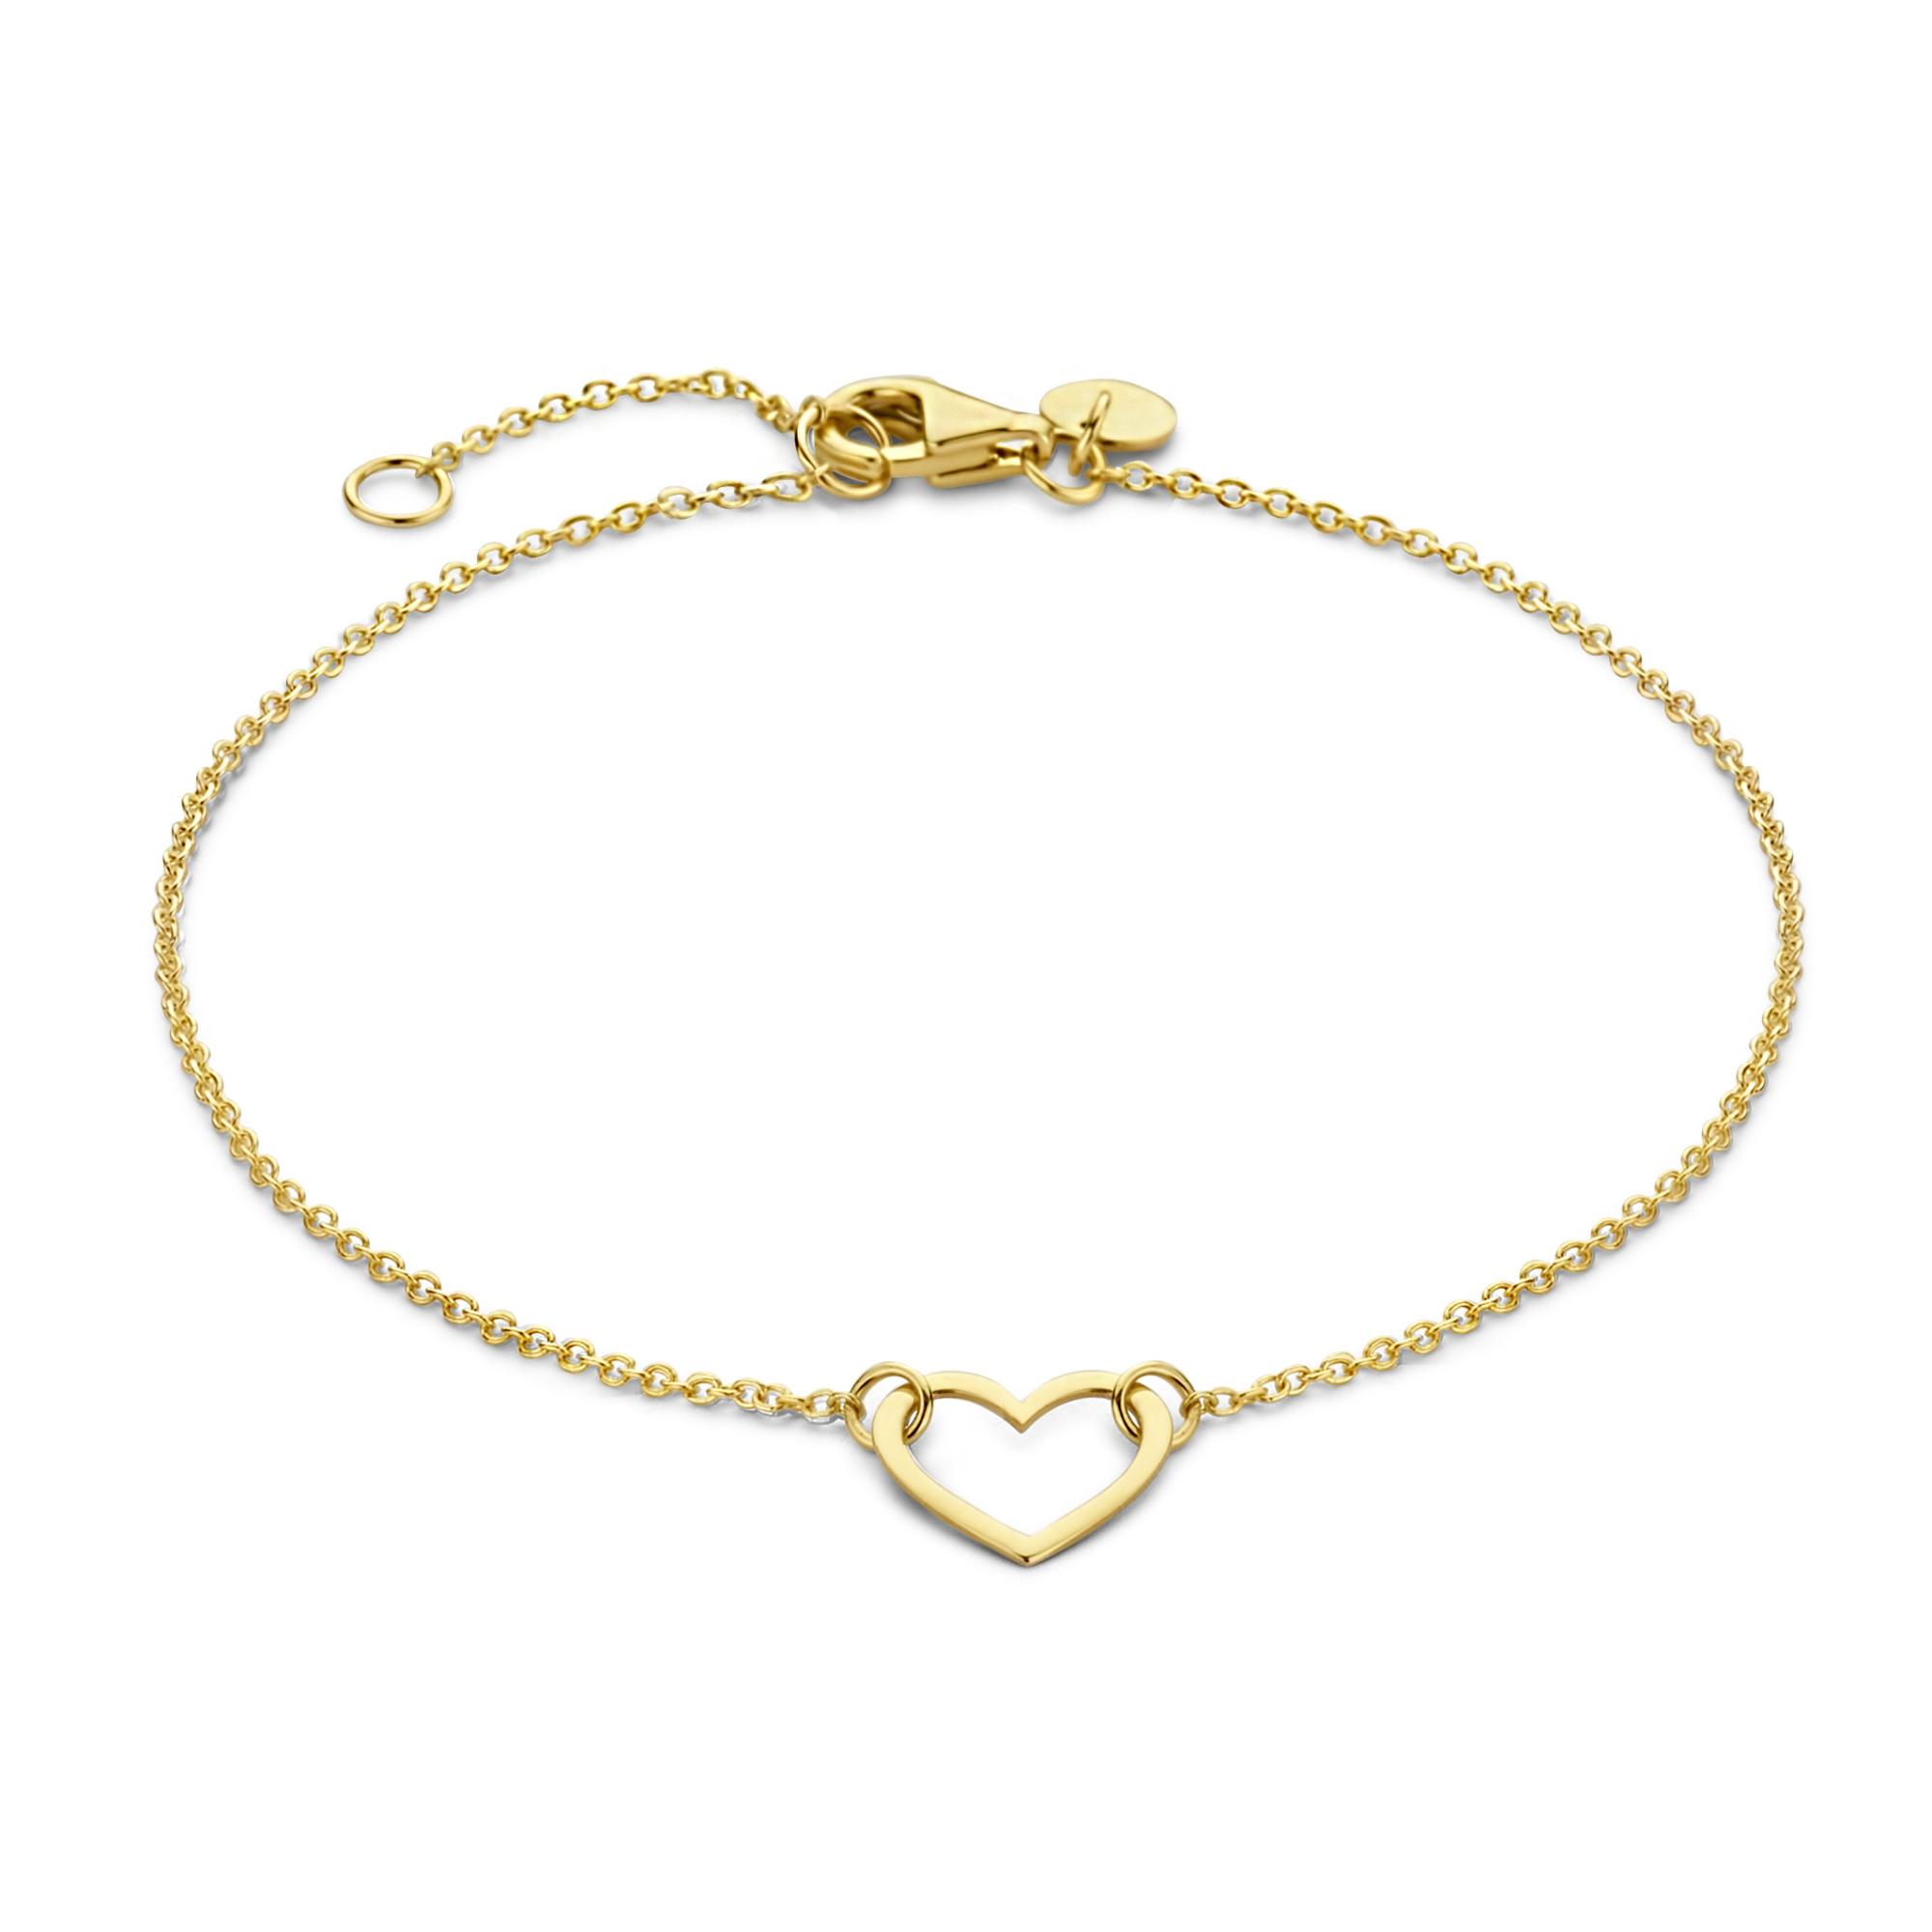 Isabel Bernard Belleville Amore 14 karat guldarmbånd med hjerte